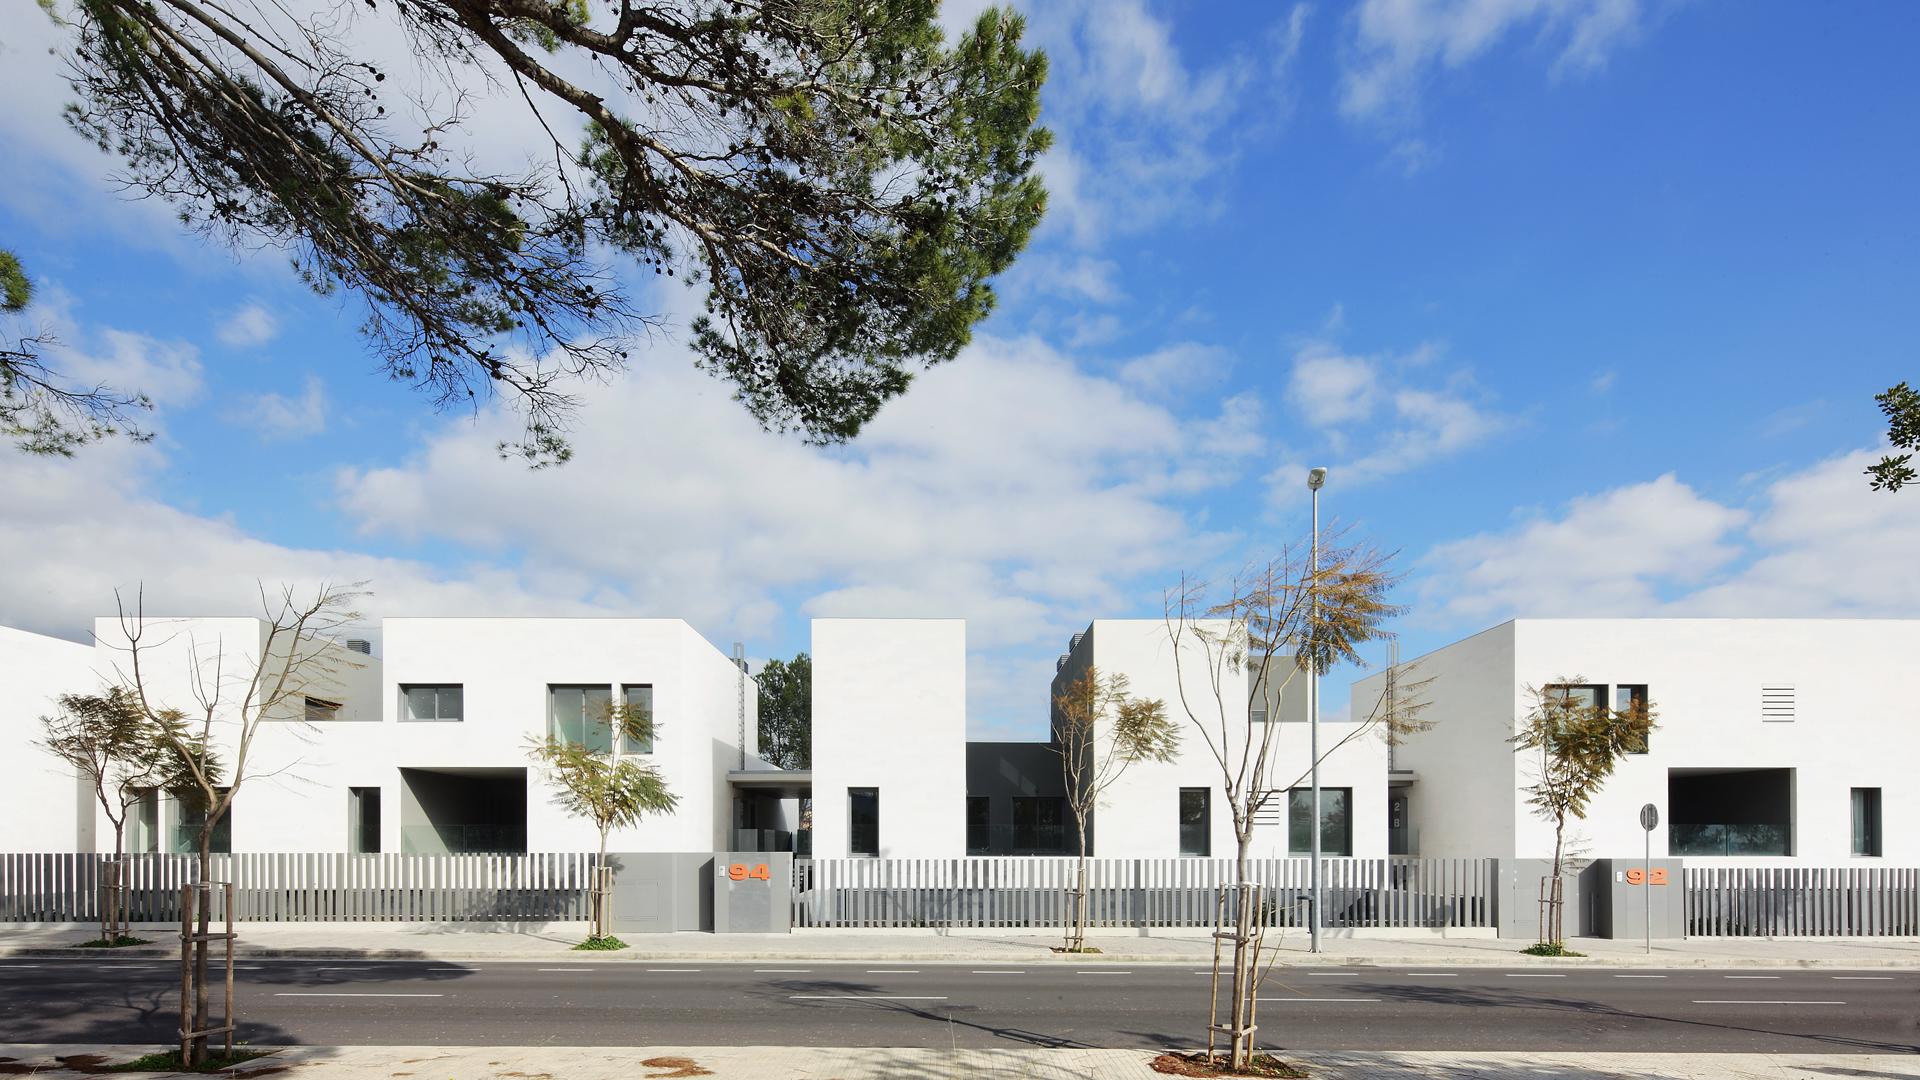 Sct estudio de arquitectura ficha del proyecto - Estudio arquitectura mallorca ...